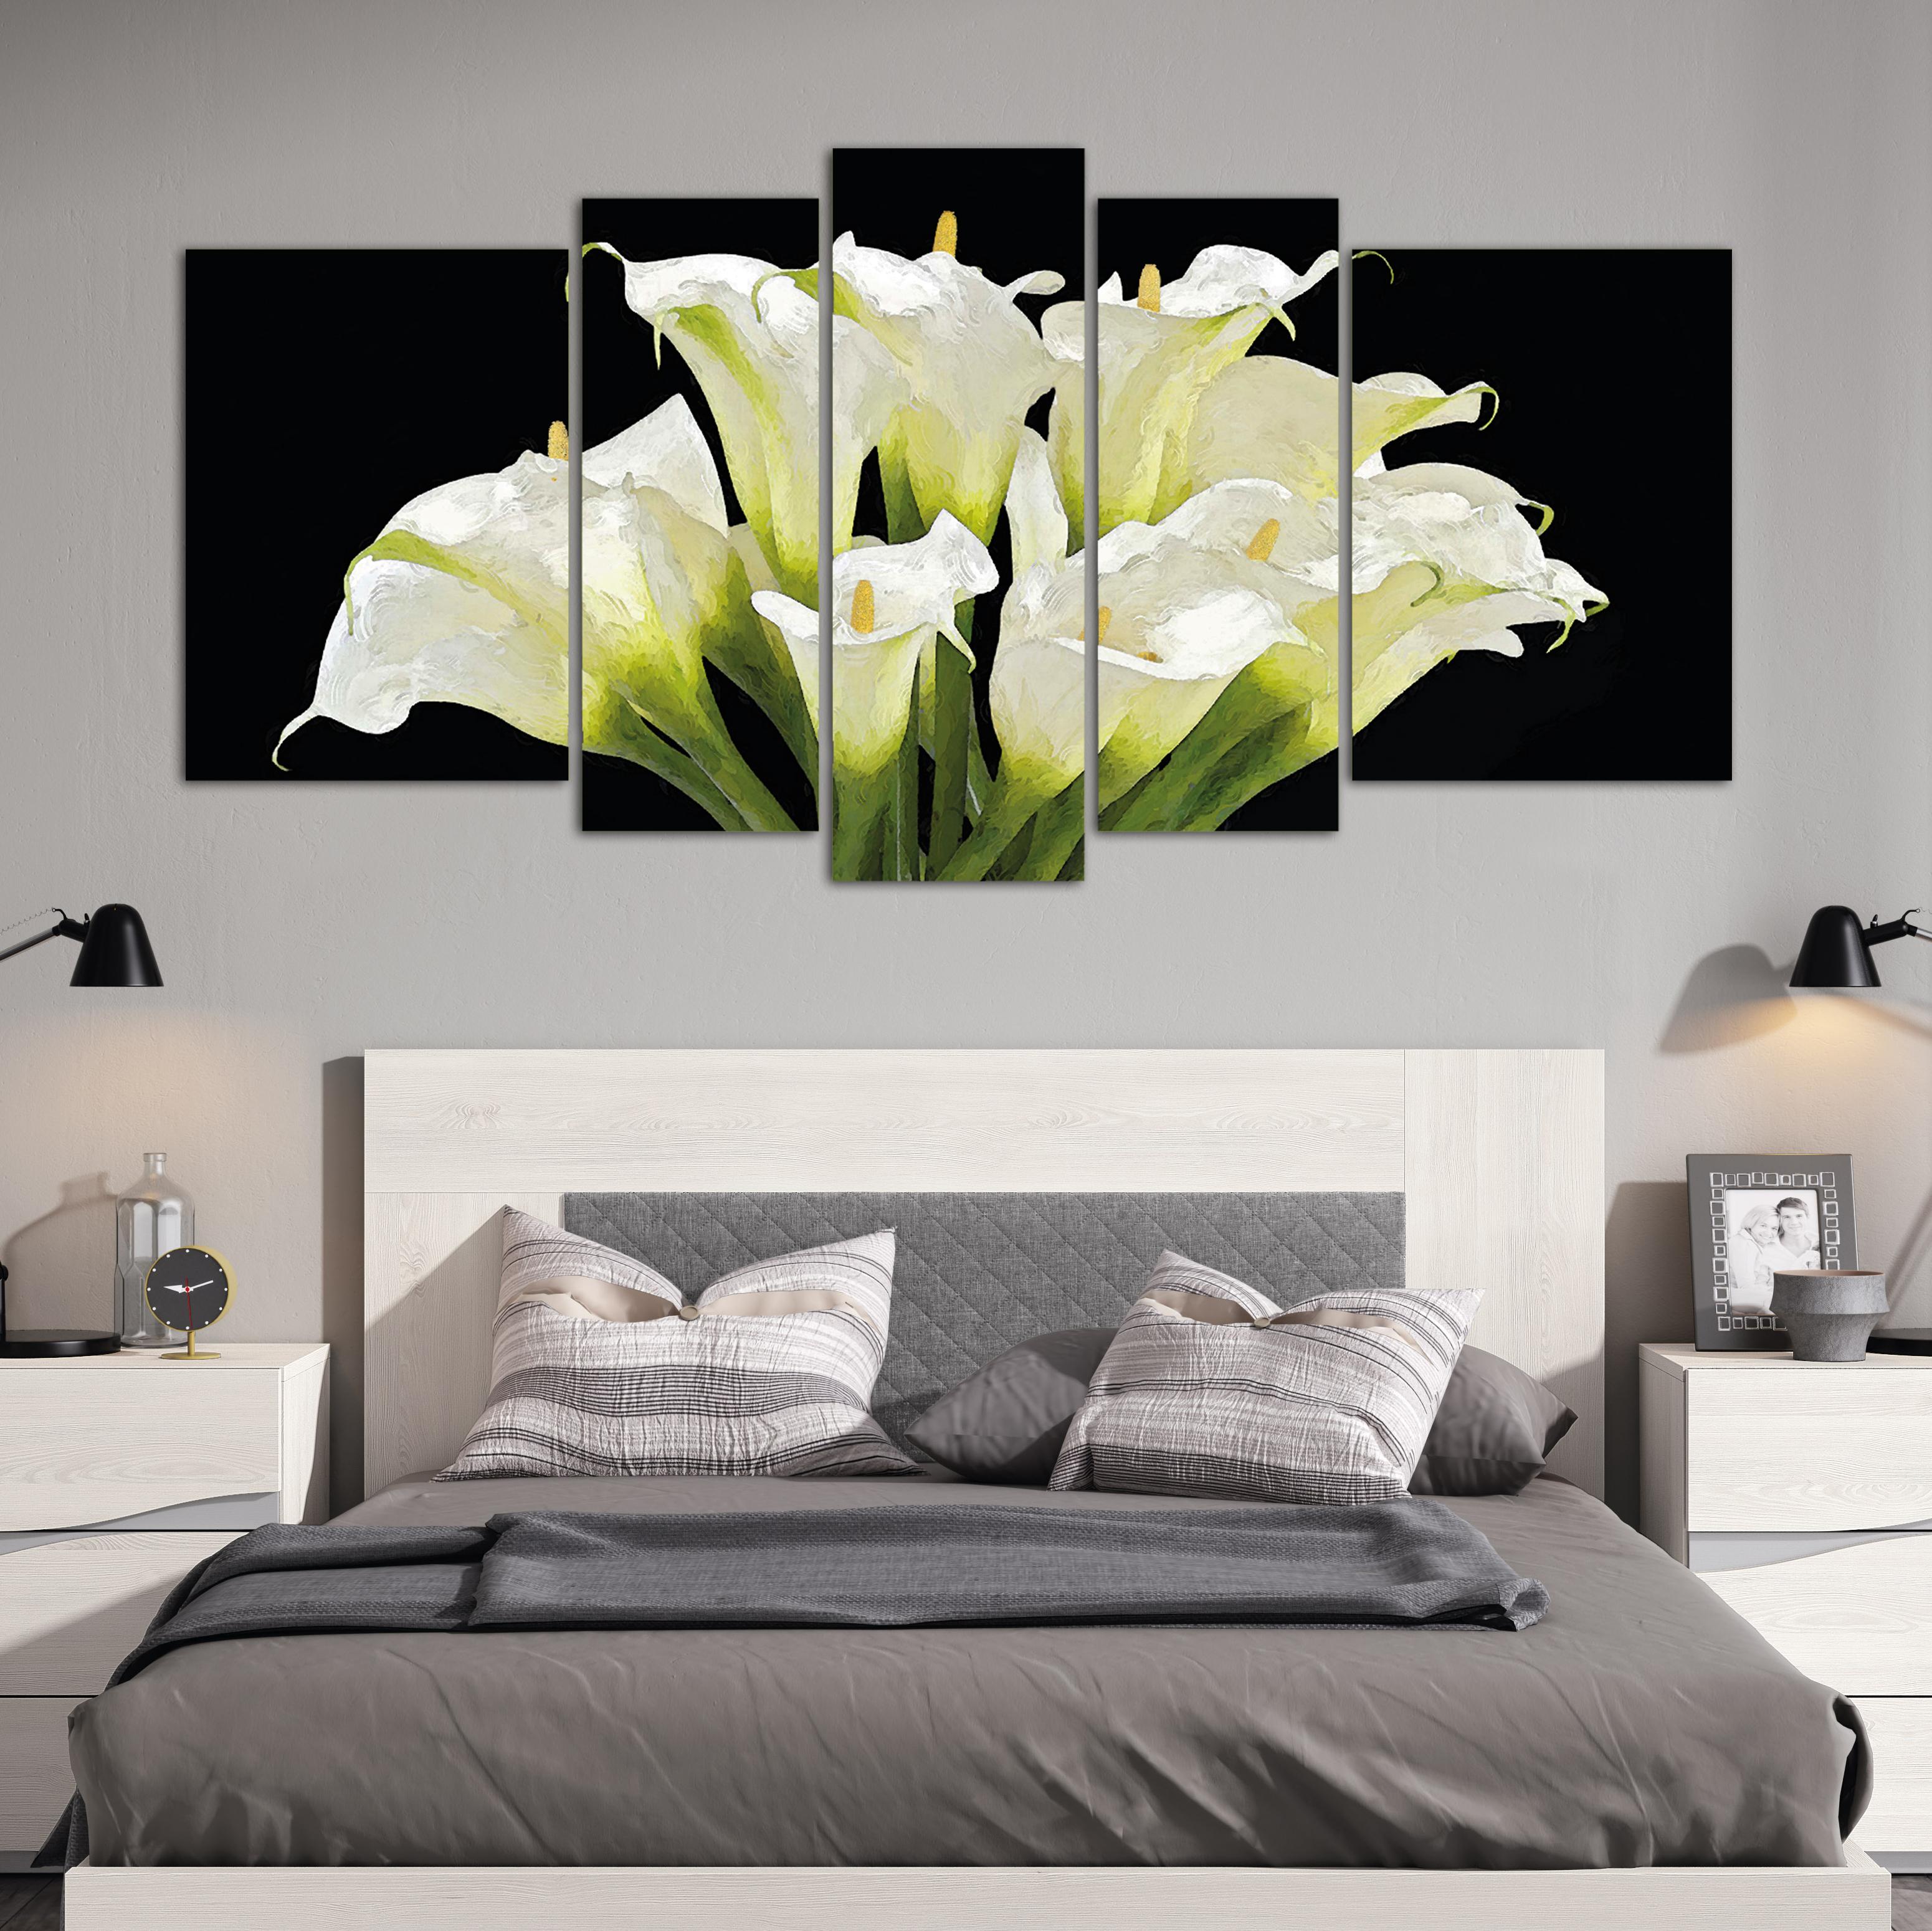 Calas blancas xxl 150 cm x 70 cm cuadros decorativos for Donde puedo comprar cuadros decorativos